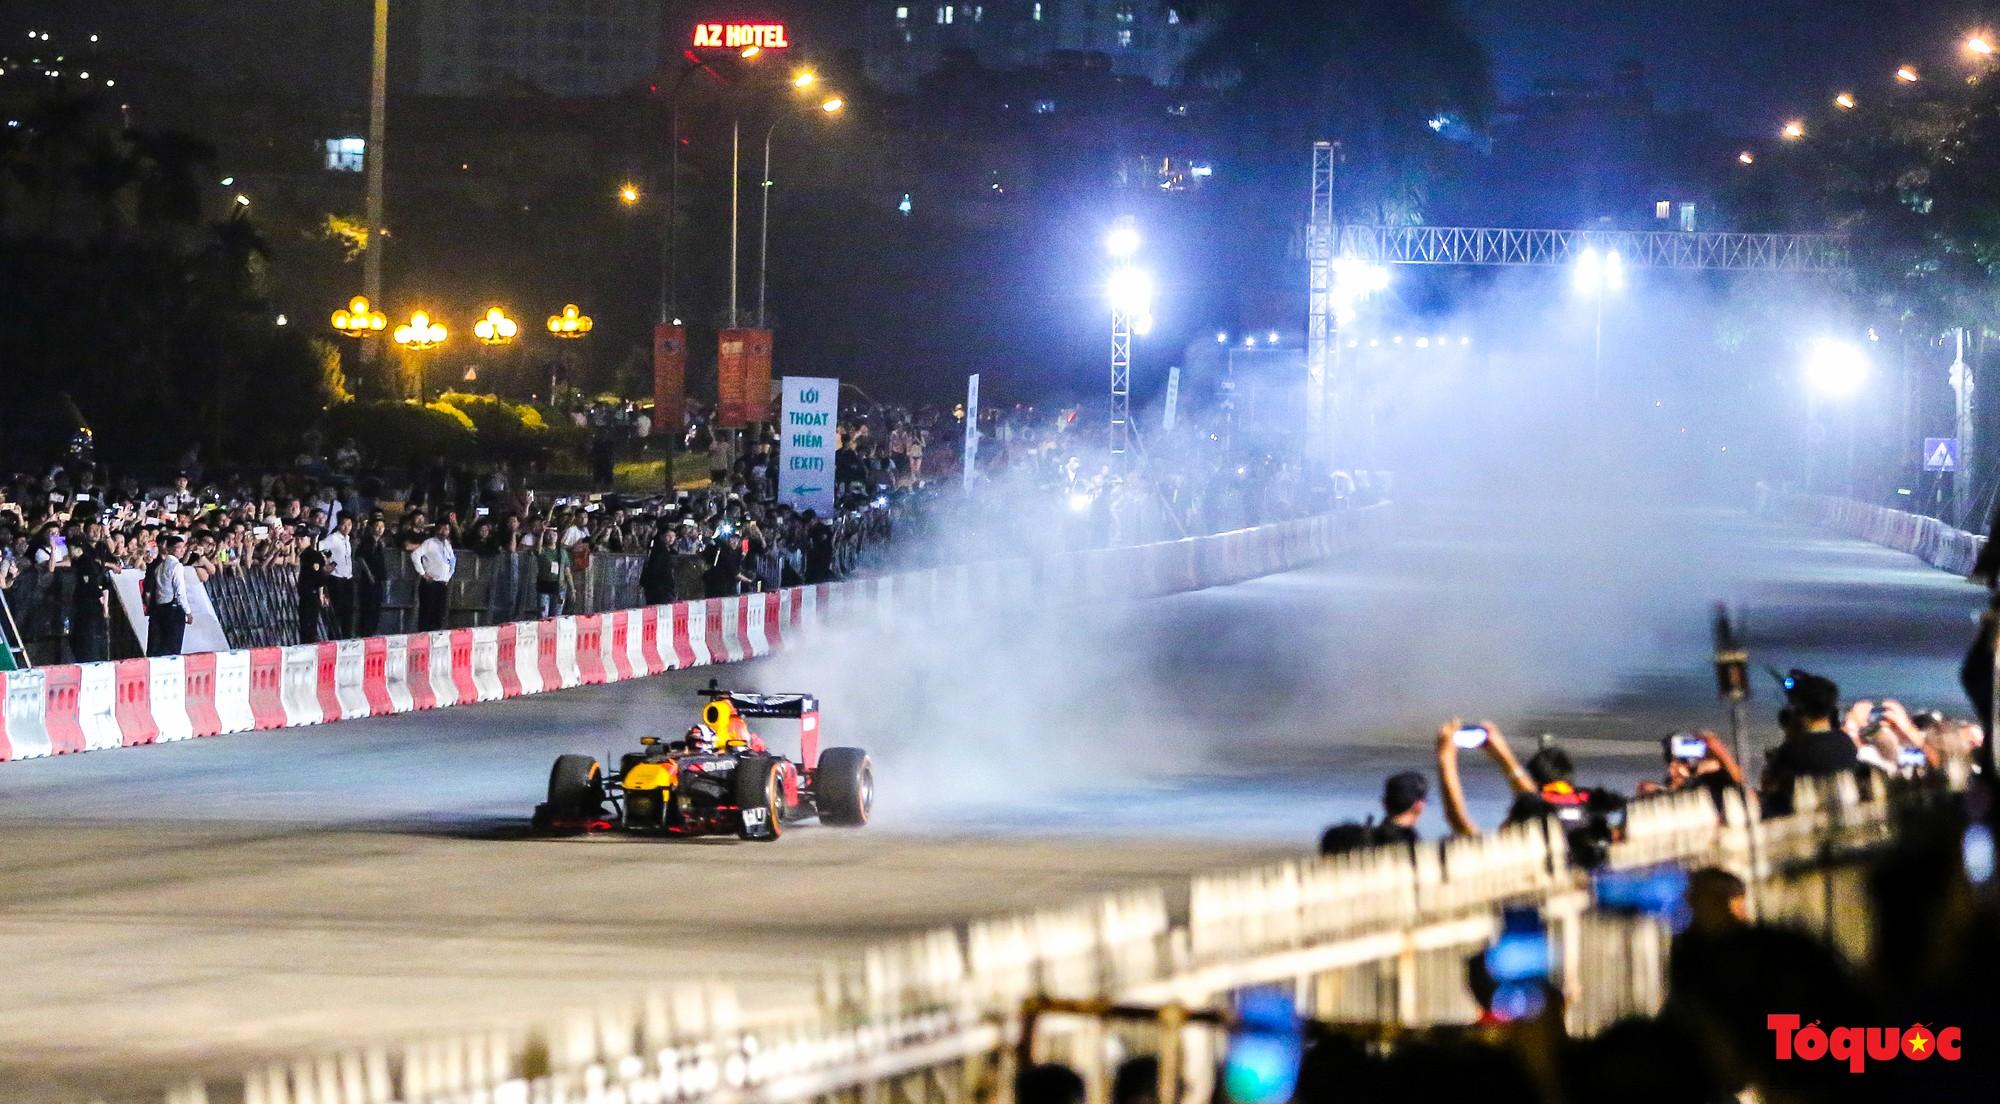 Mãn nhãn với mãnh thú F1 gầm rú và đốt lốp trên đường Hà Nội - Ảnh 2.